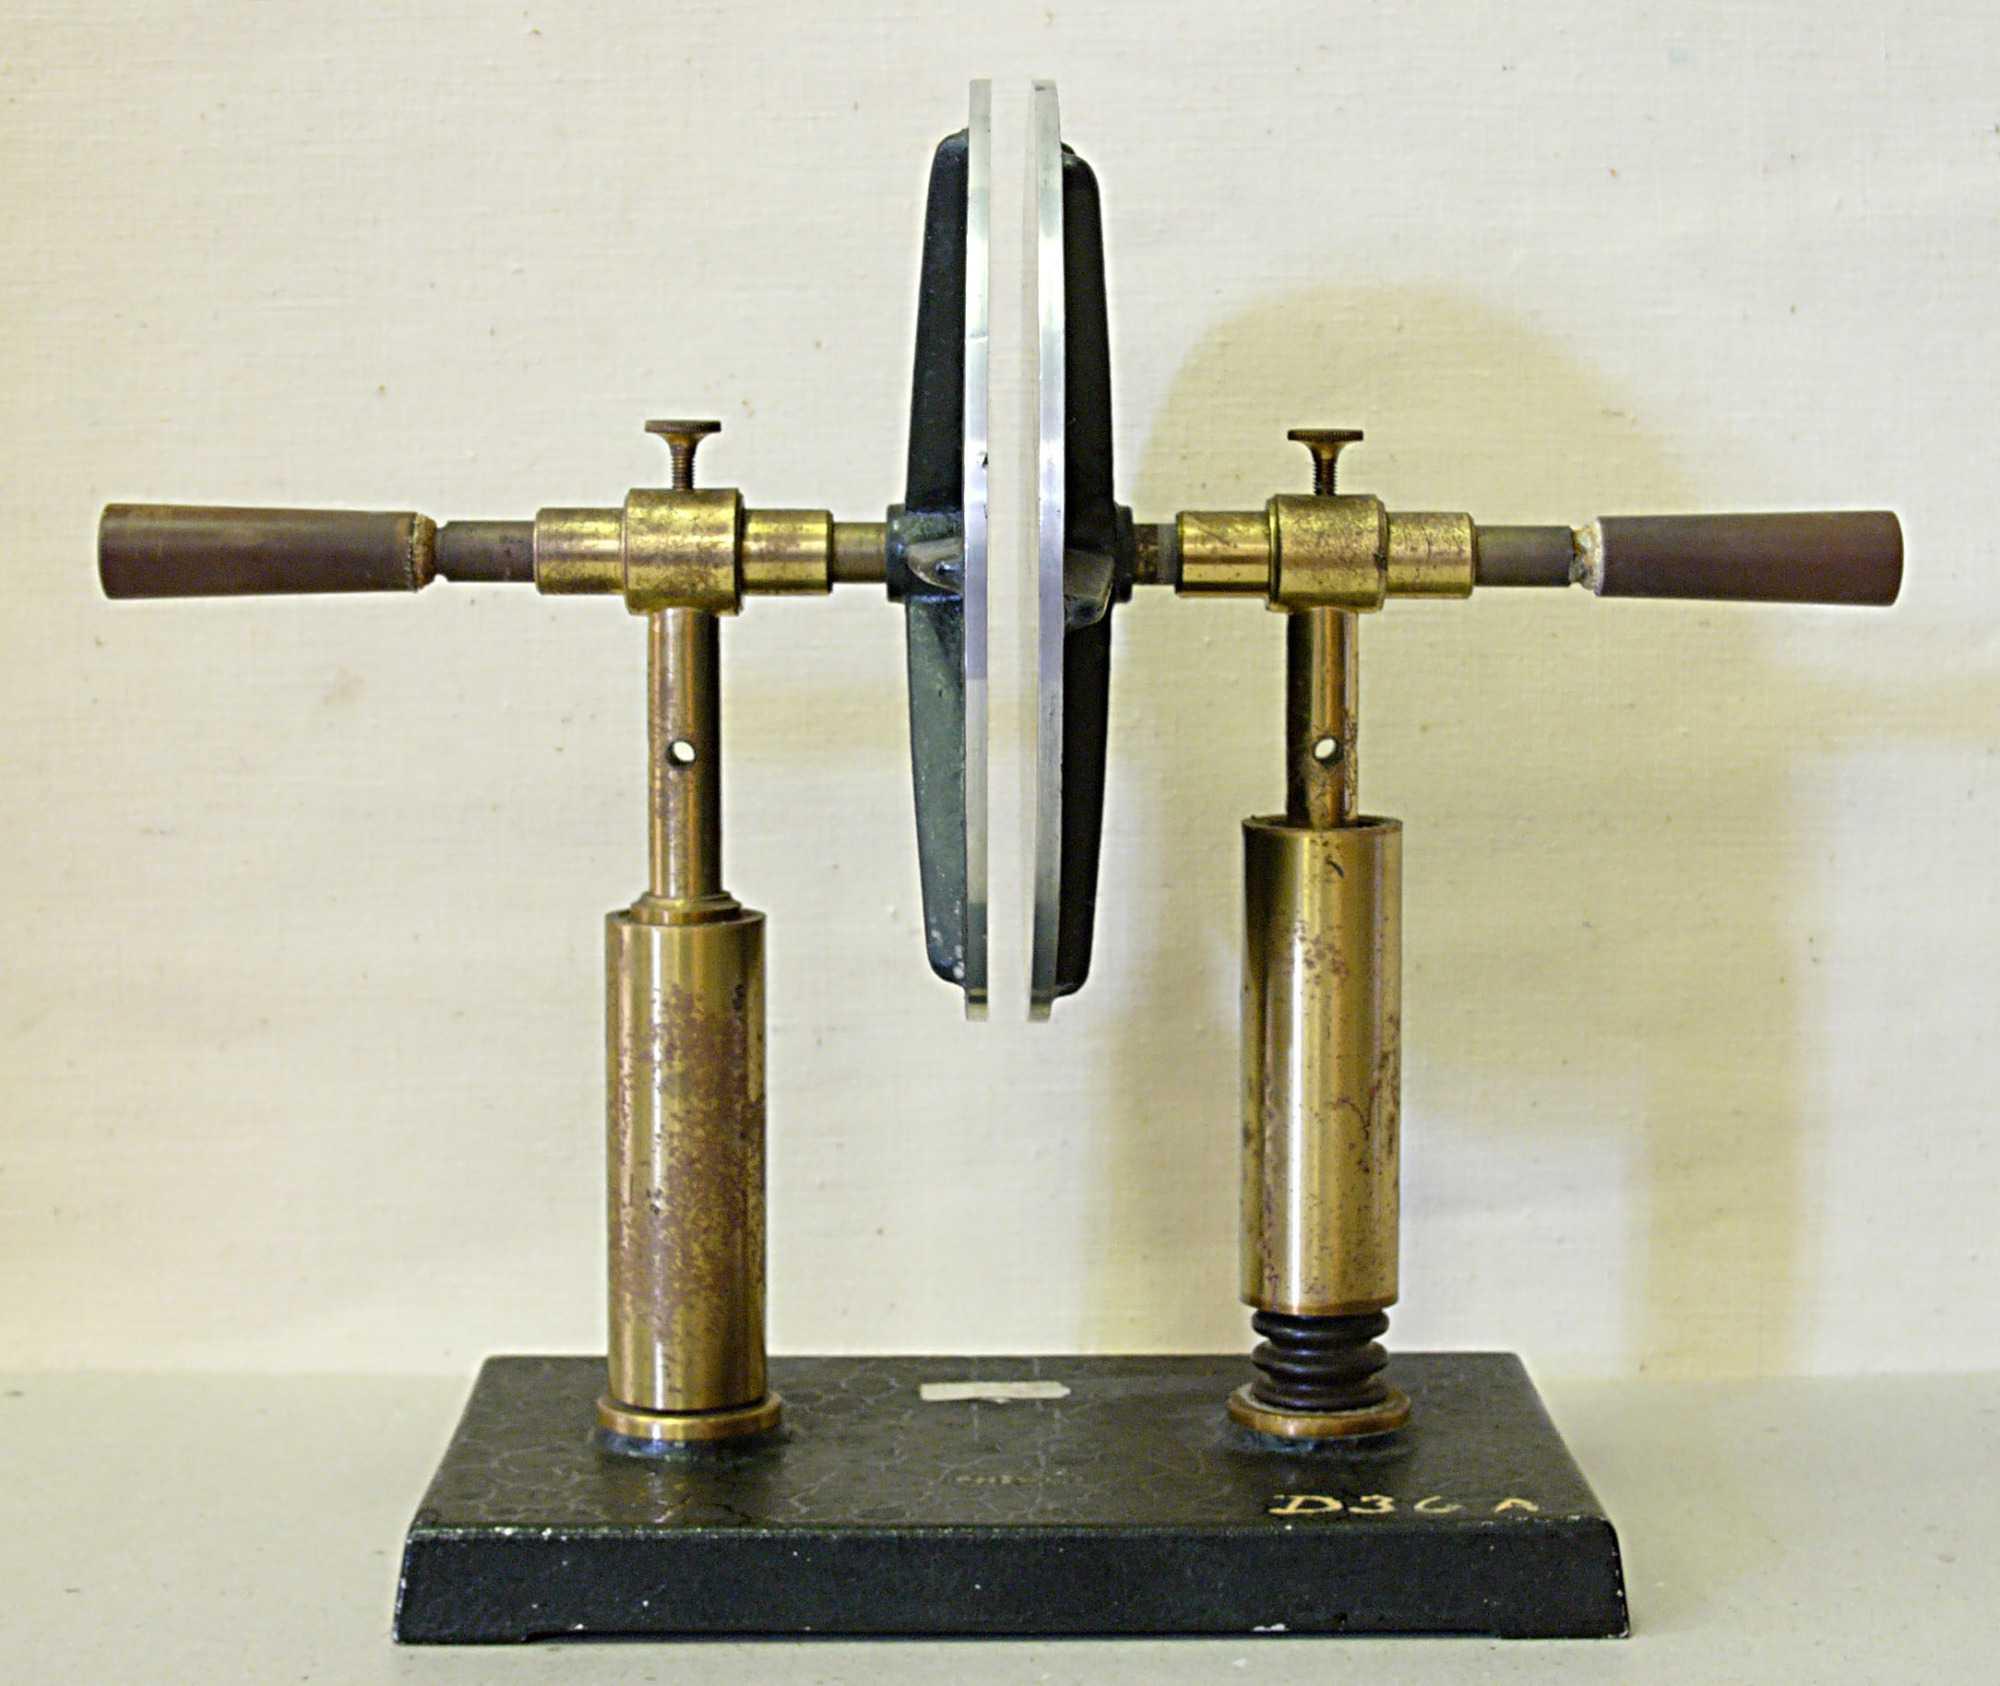 Ein älteres Modell eines Kondensators